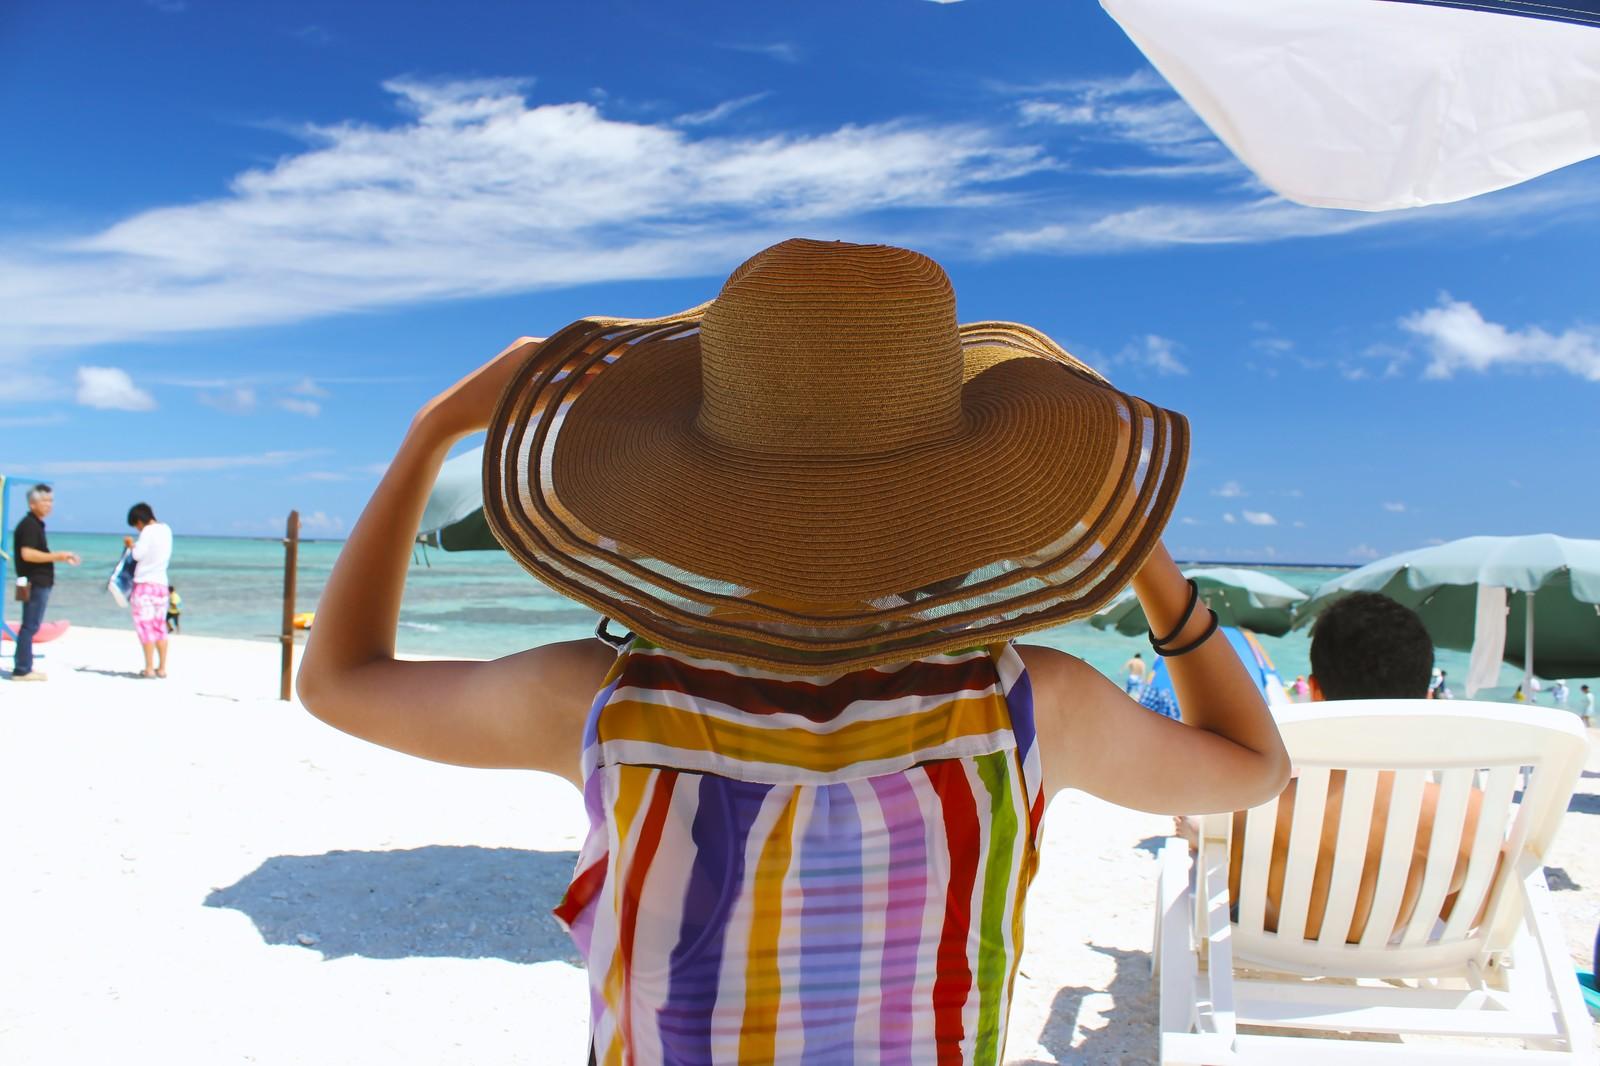 ビーチで大きな帽子をかぶる女性